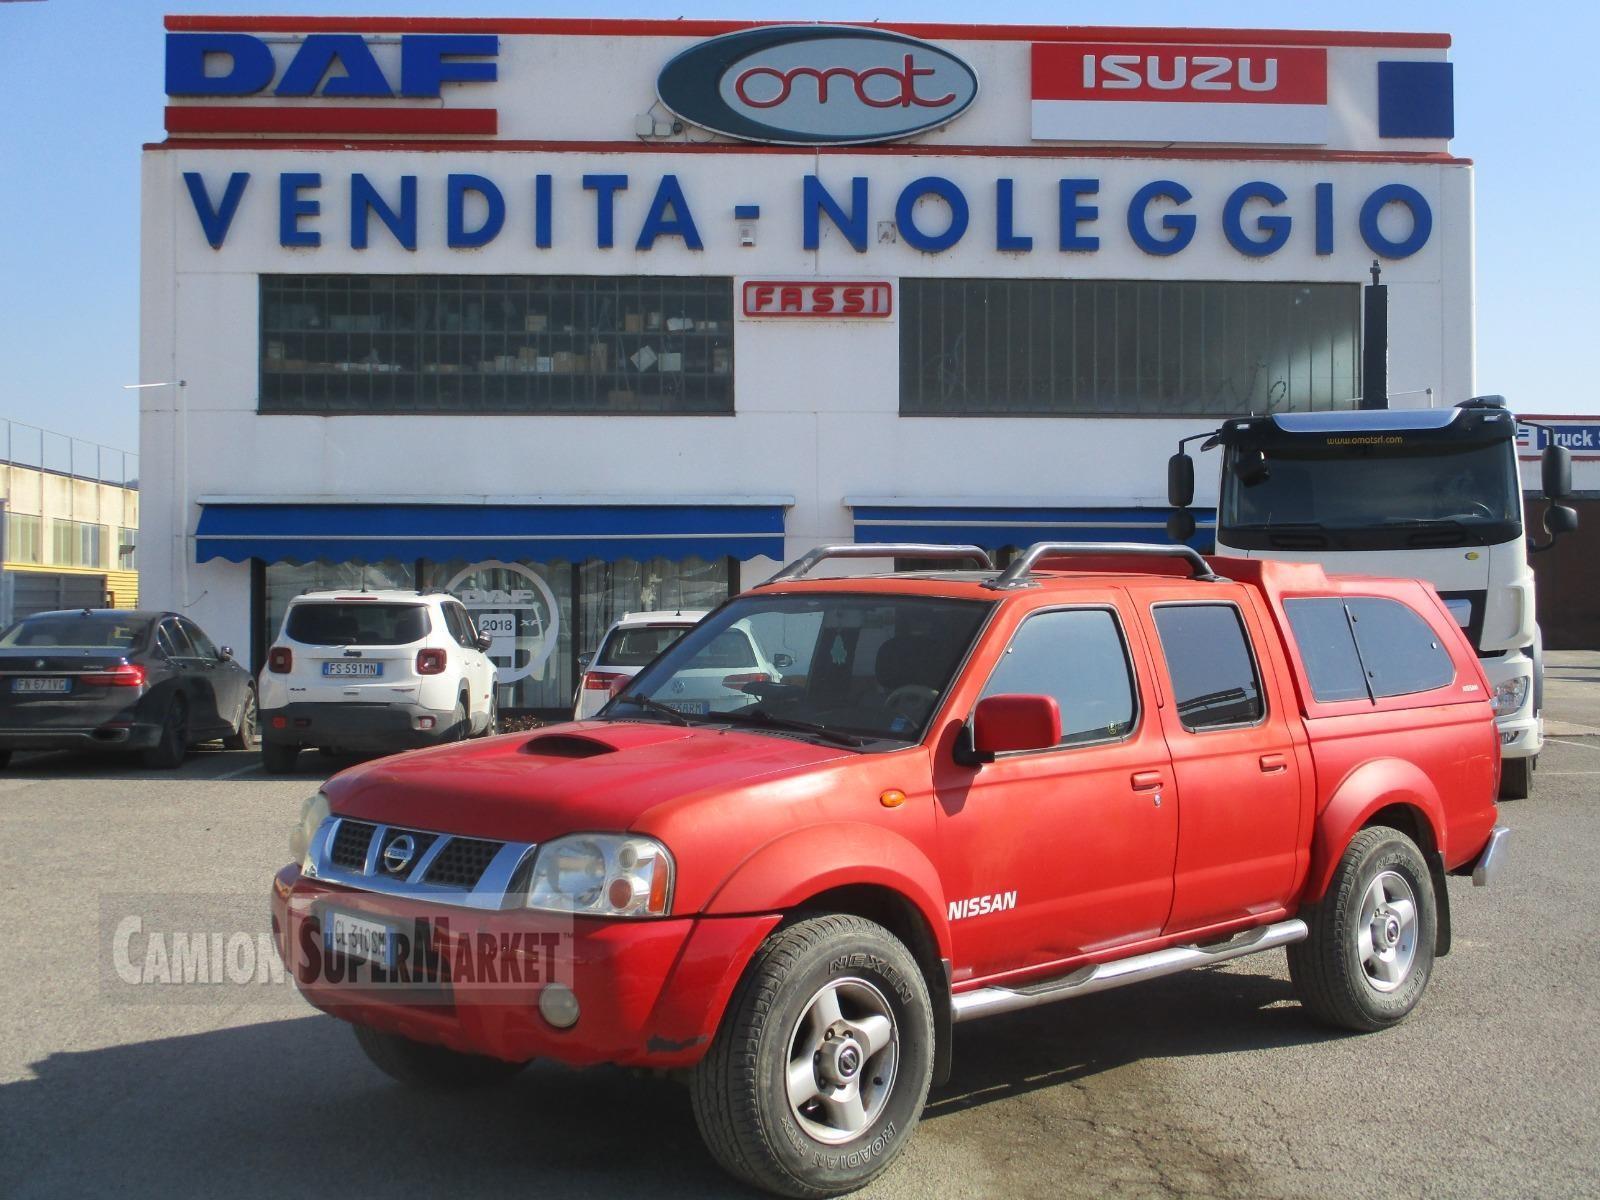 Nissan NAVARA used